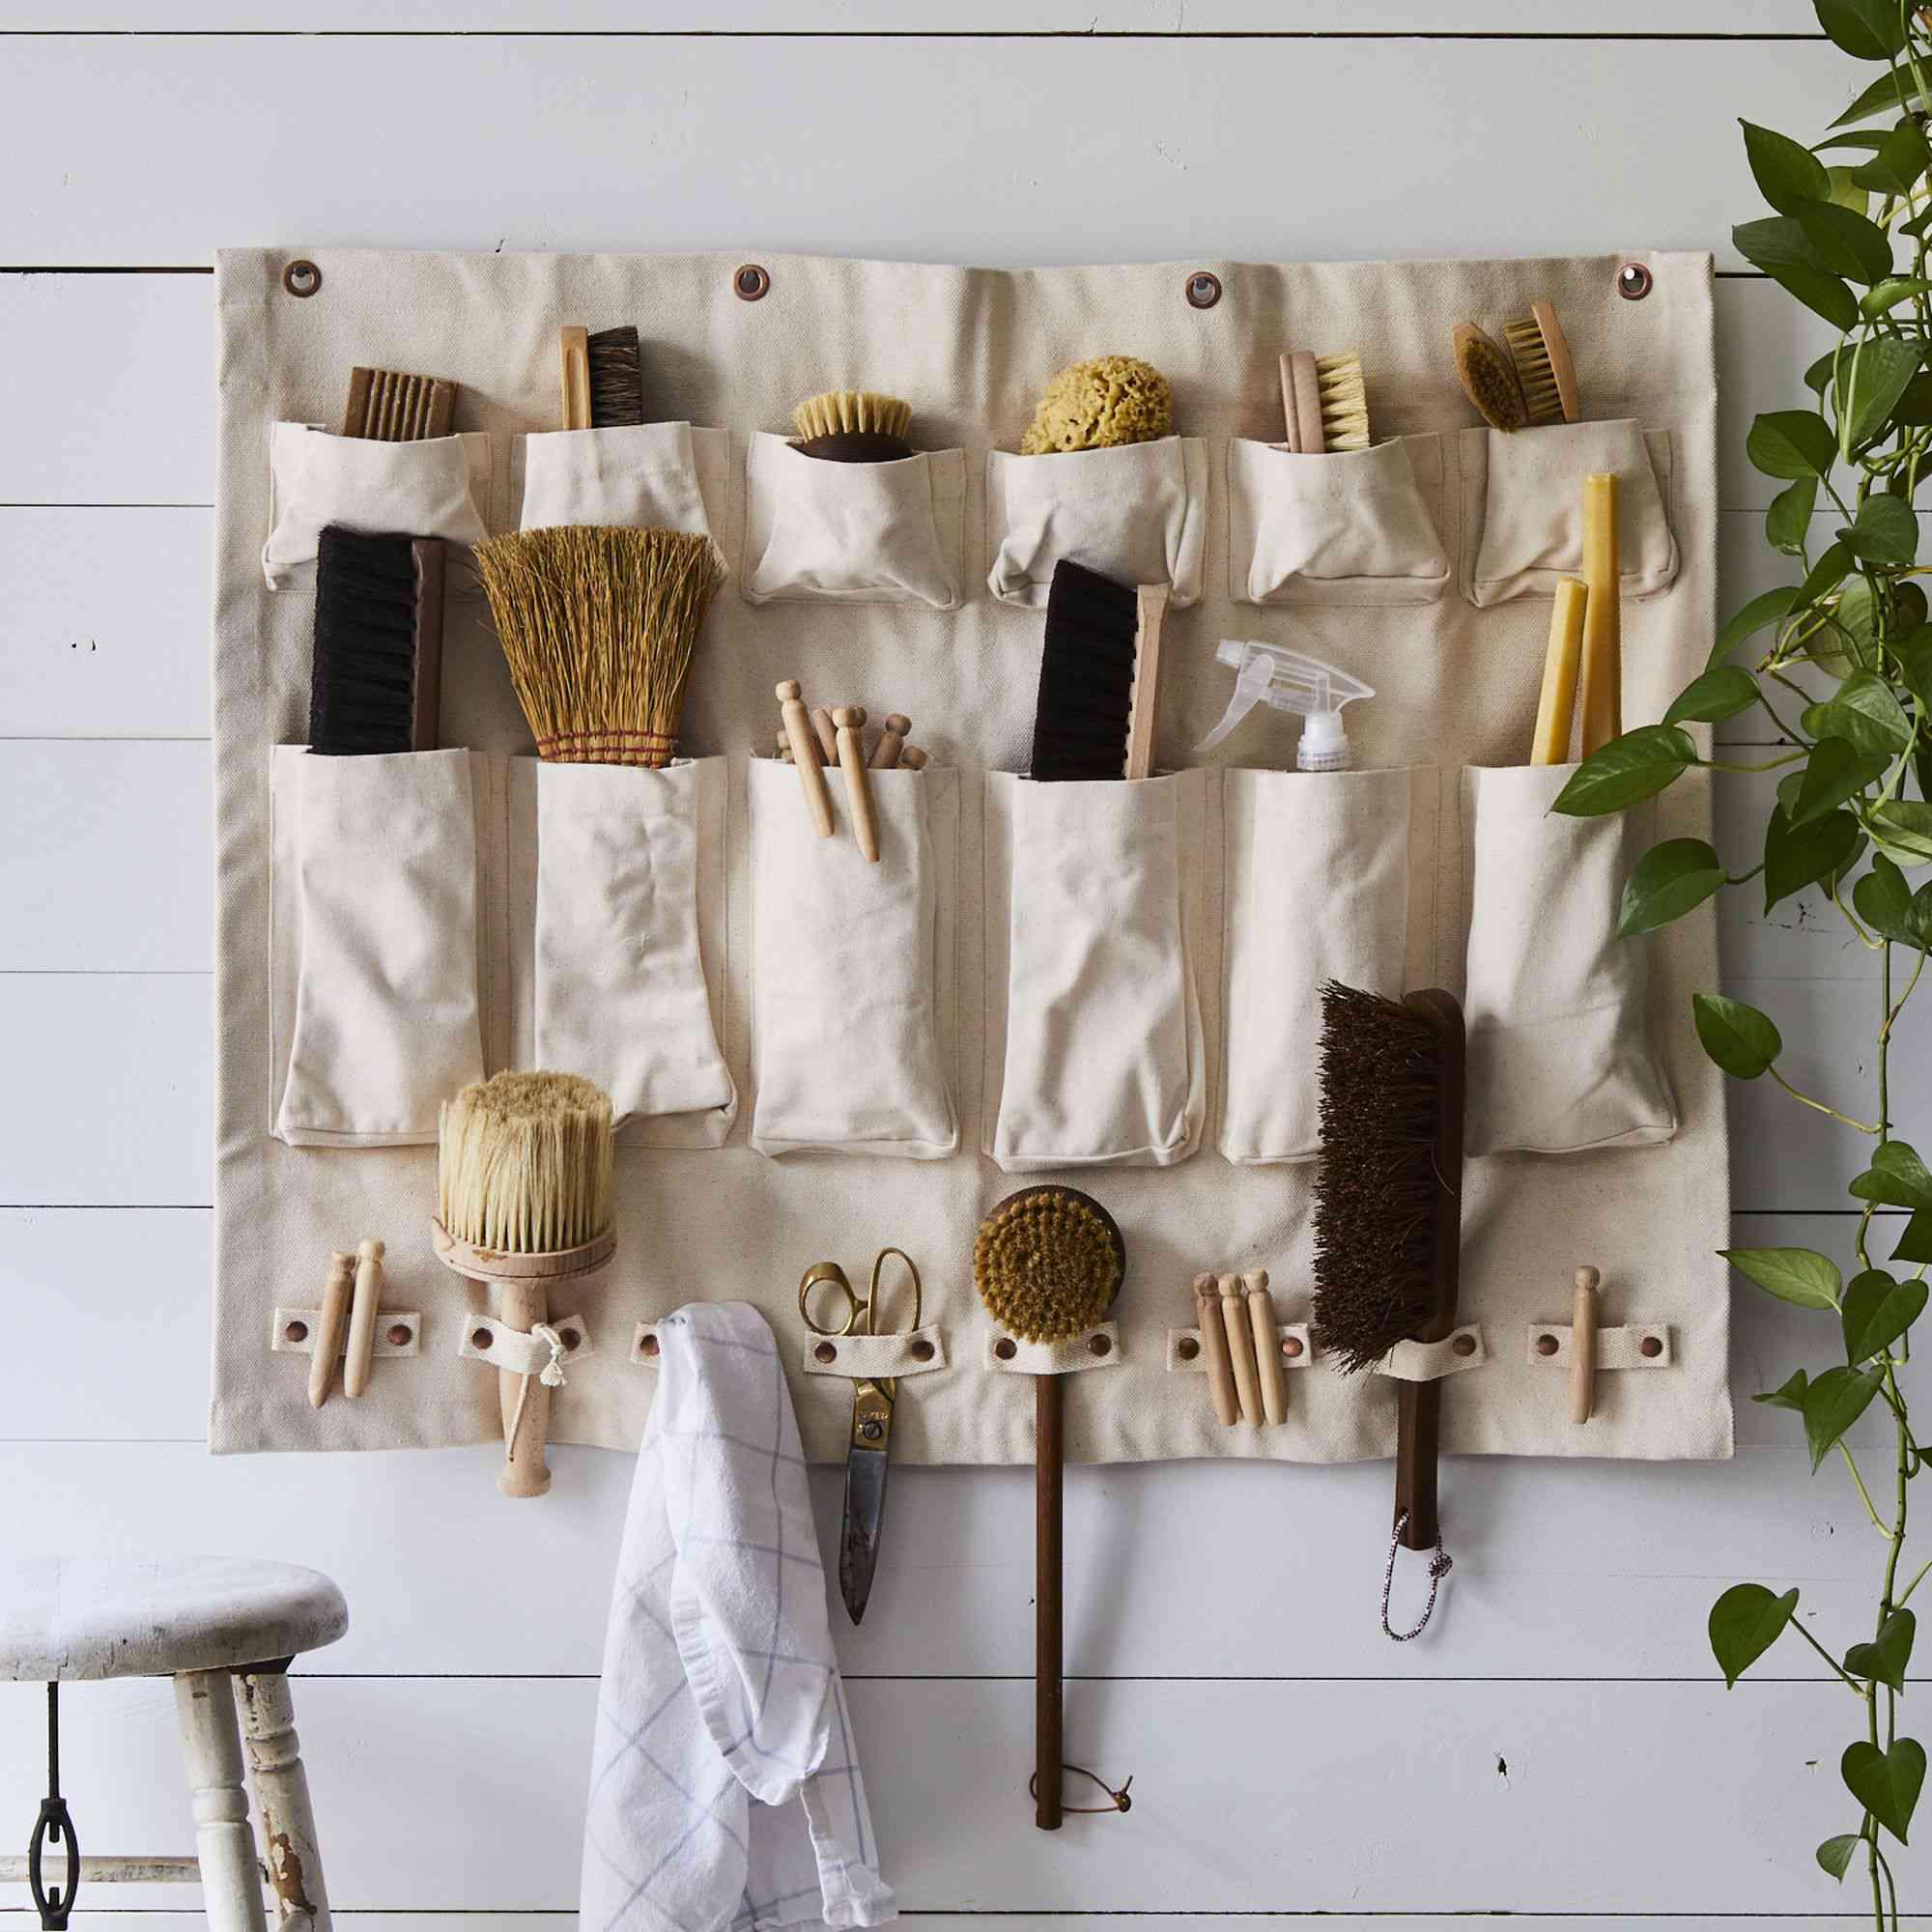 canvas wall organizer